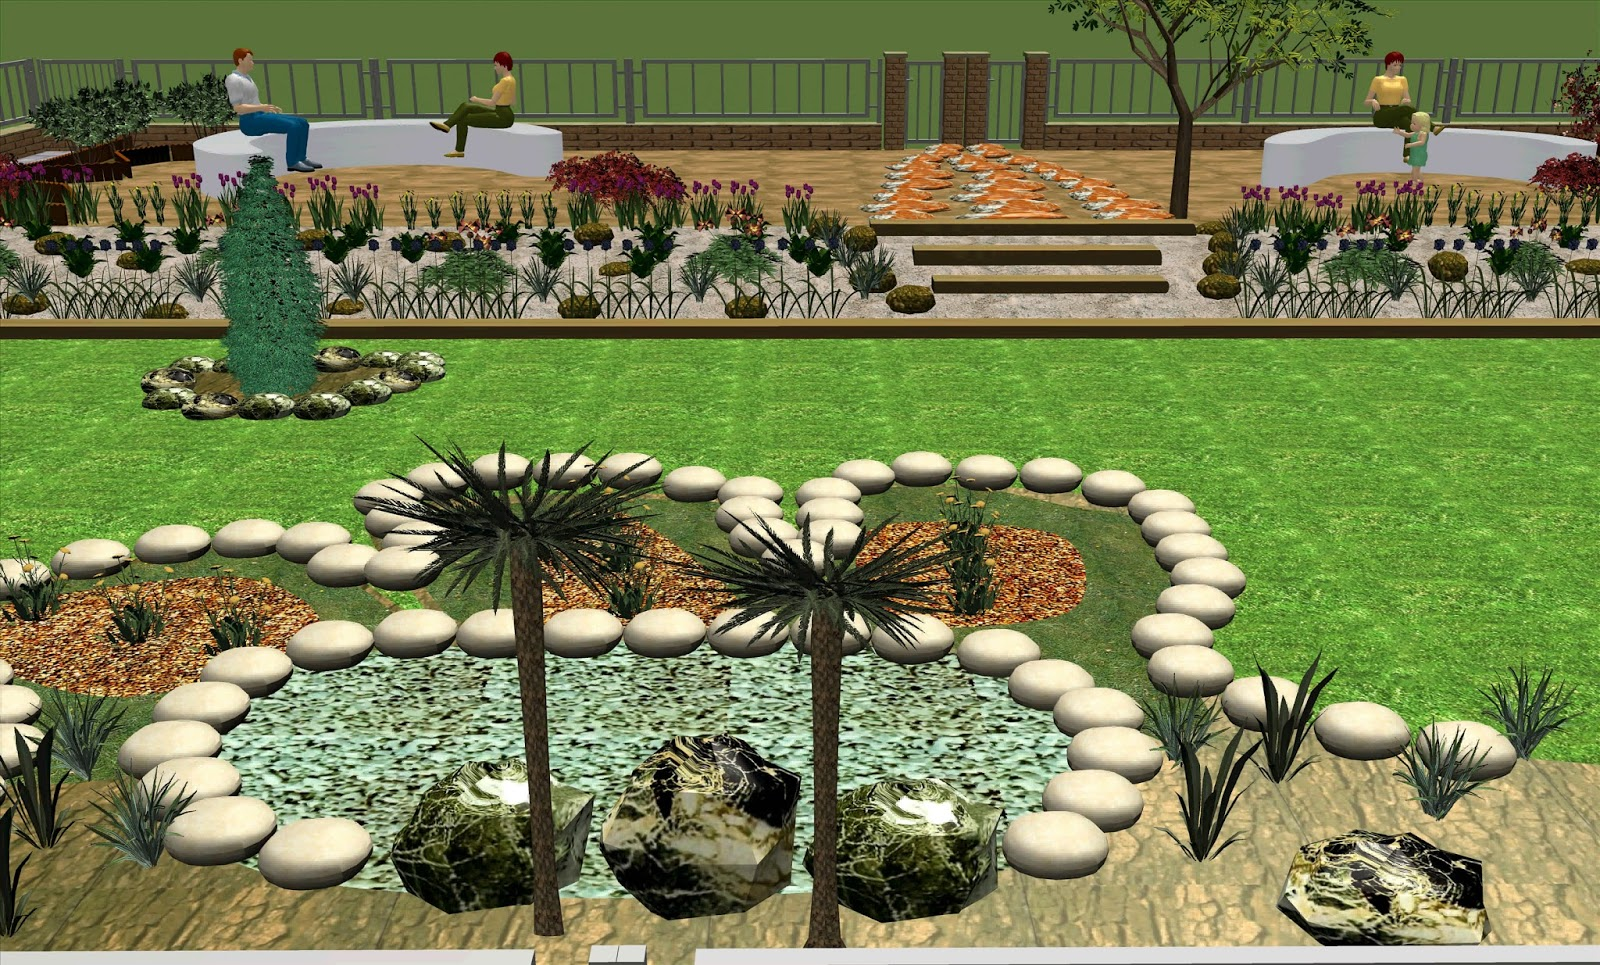 Arte y jardiner a contratar a un dise ador de jardines for Guarda cosas para jardin